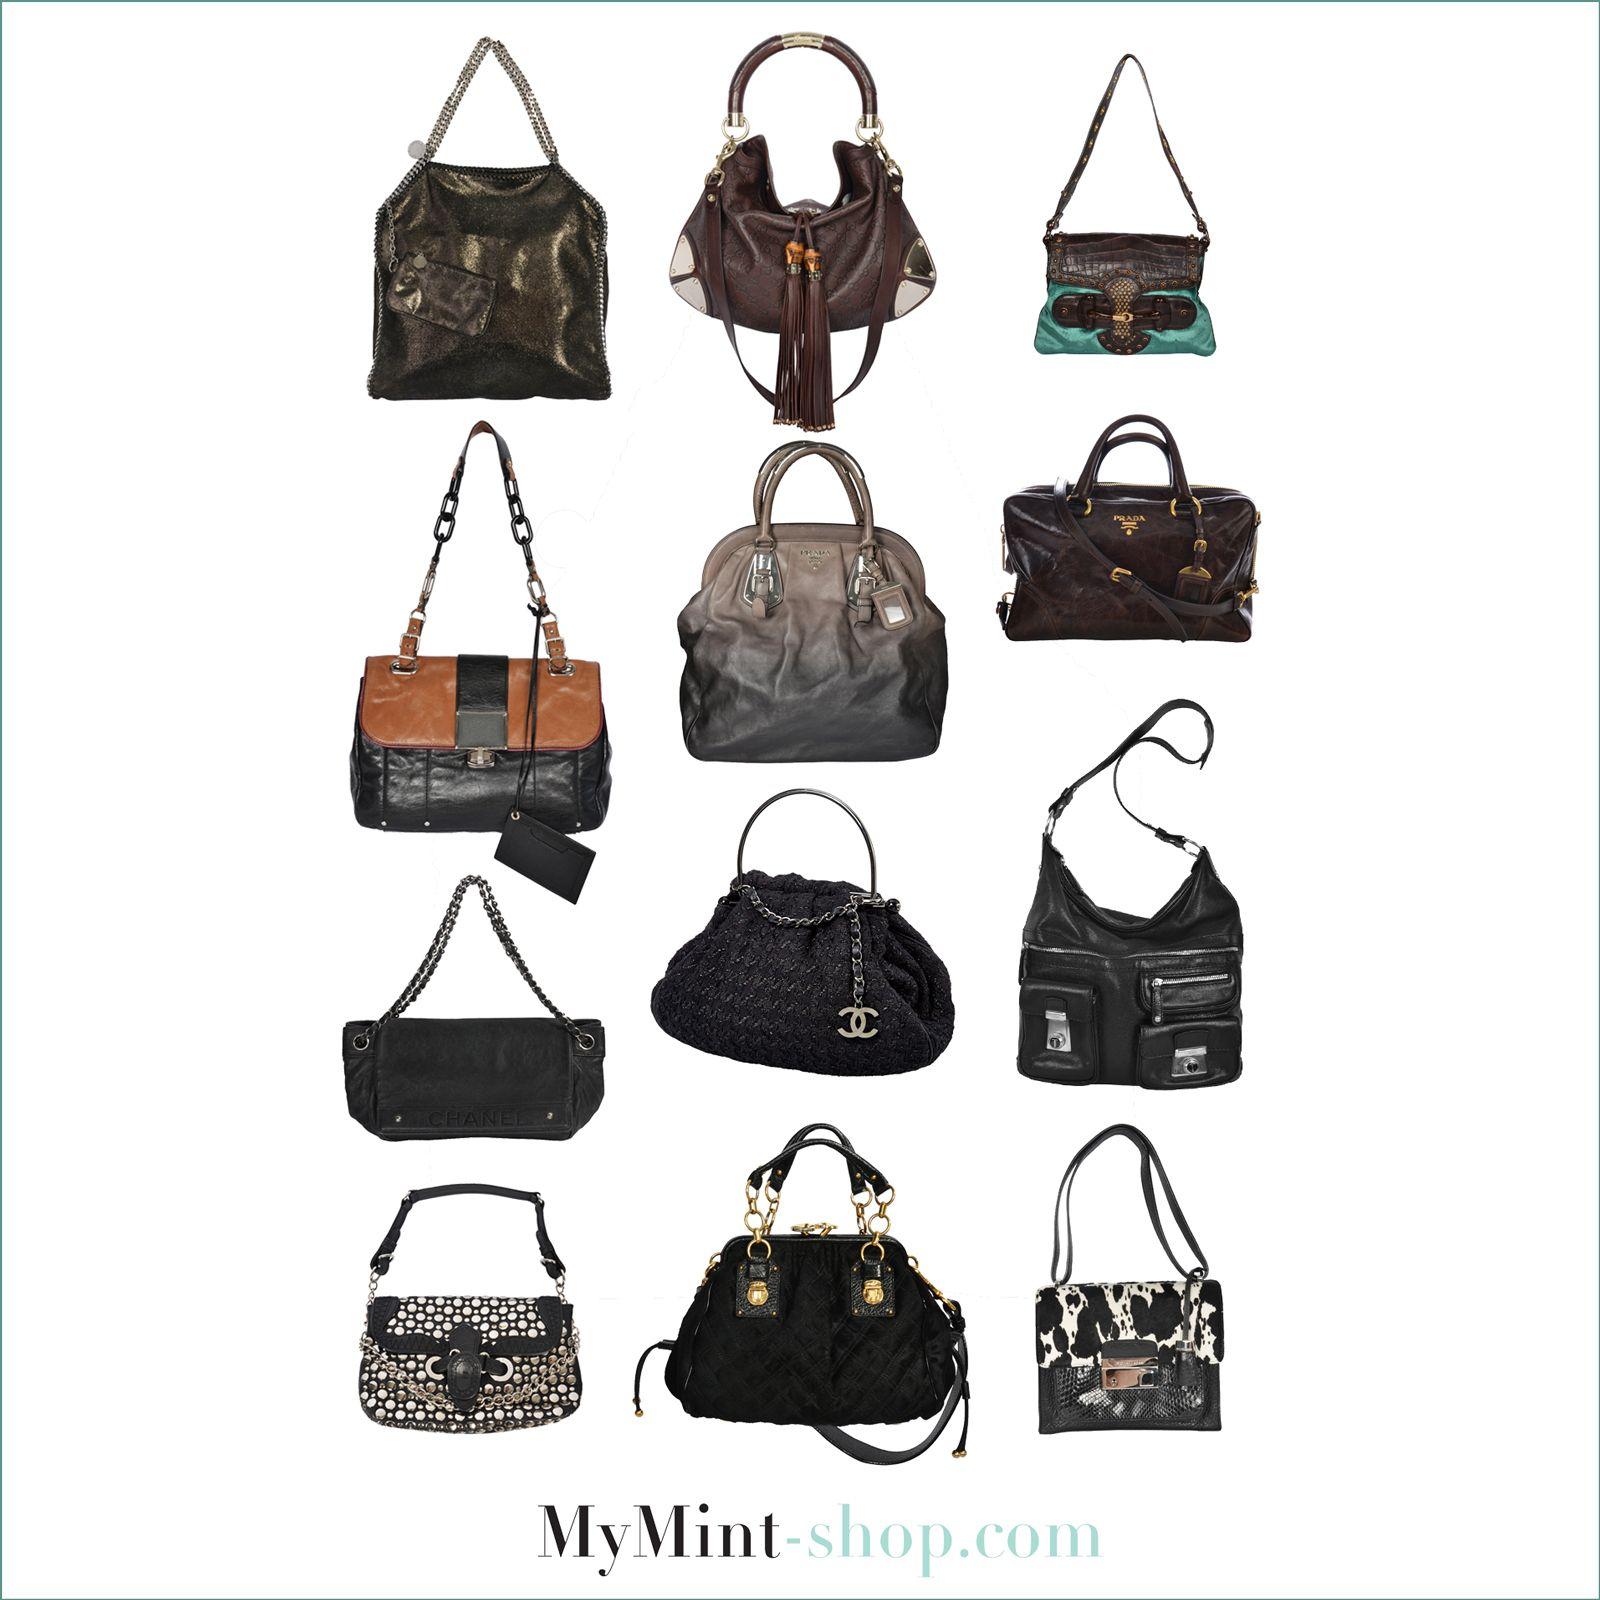 Designerkleidung & Accessoires bis zu -90% vom Neupreis das ganze Jahr  #Chanel, #StellaMcCartney, #Prada, #Gucci, #Balenciaga, #Tods, #MarcJacobs, #SoniaRykiel,...